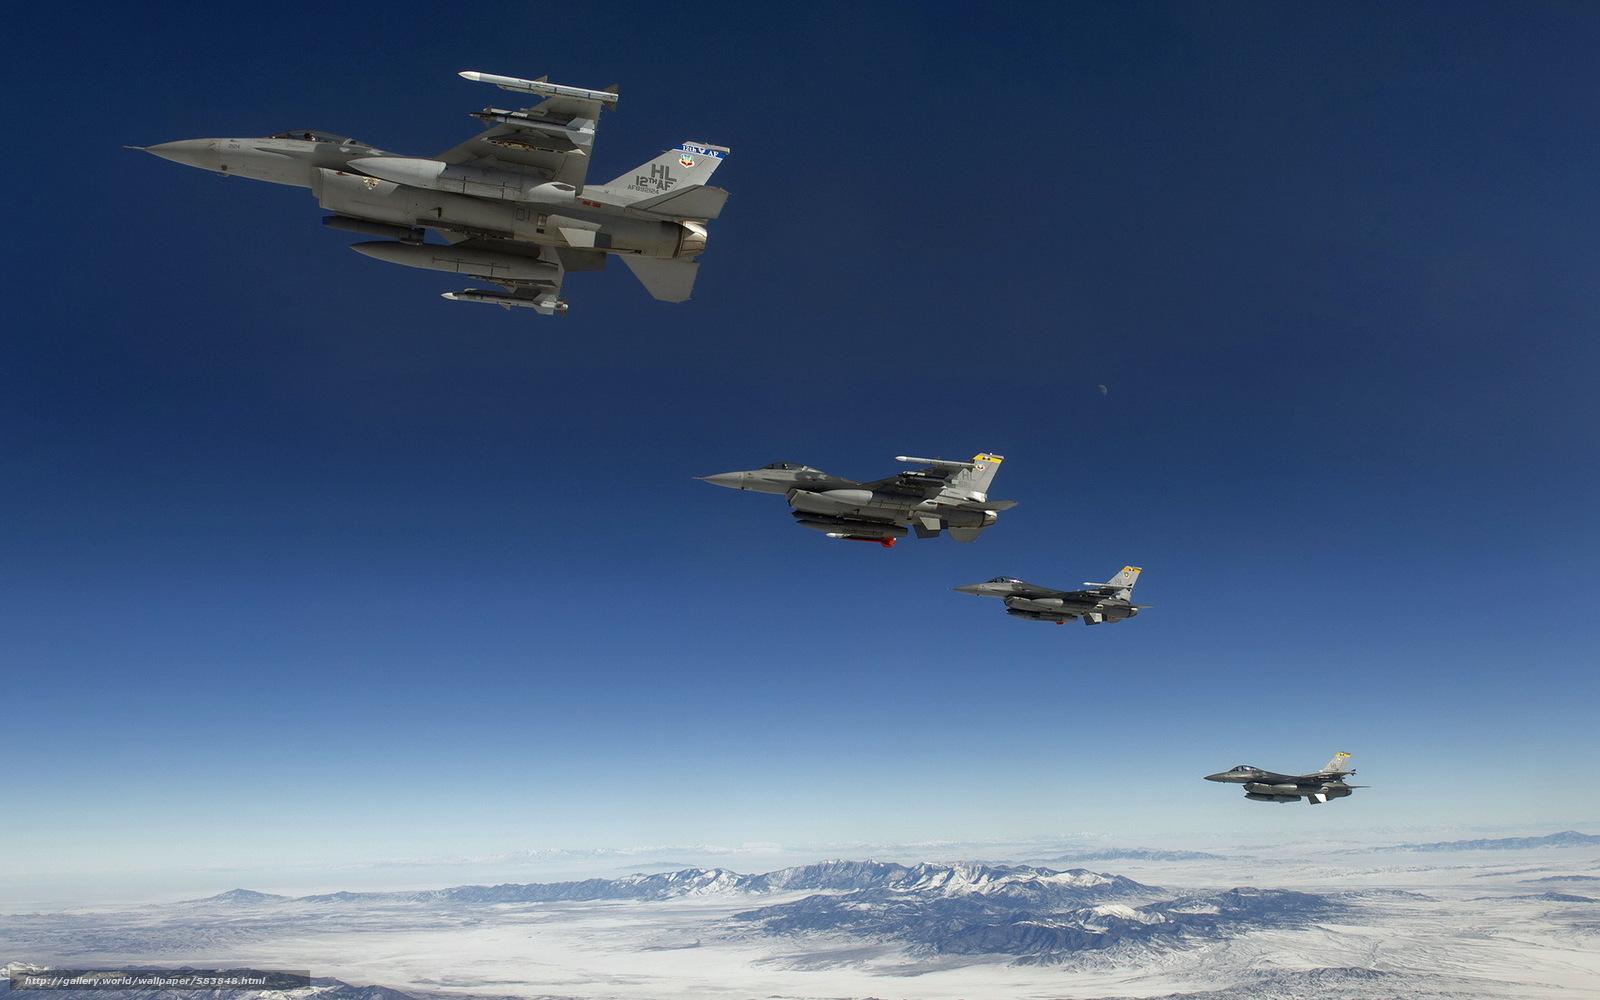 Скачать обои самолёты,  оружие бесплатно для рабочего стола в разрешении 1920x1200 — картинка №583848